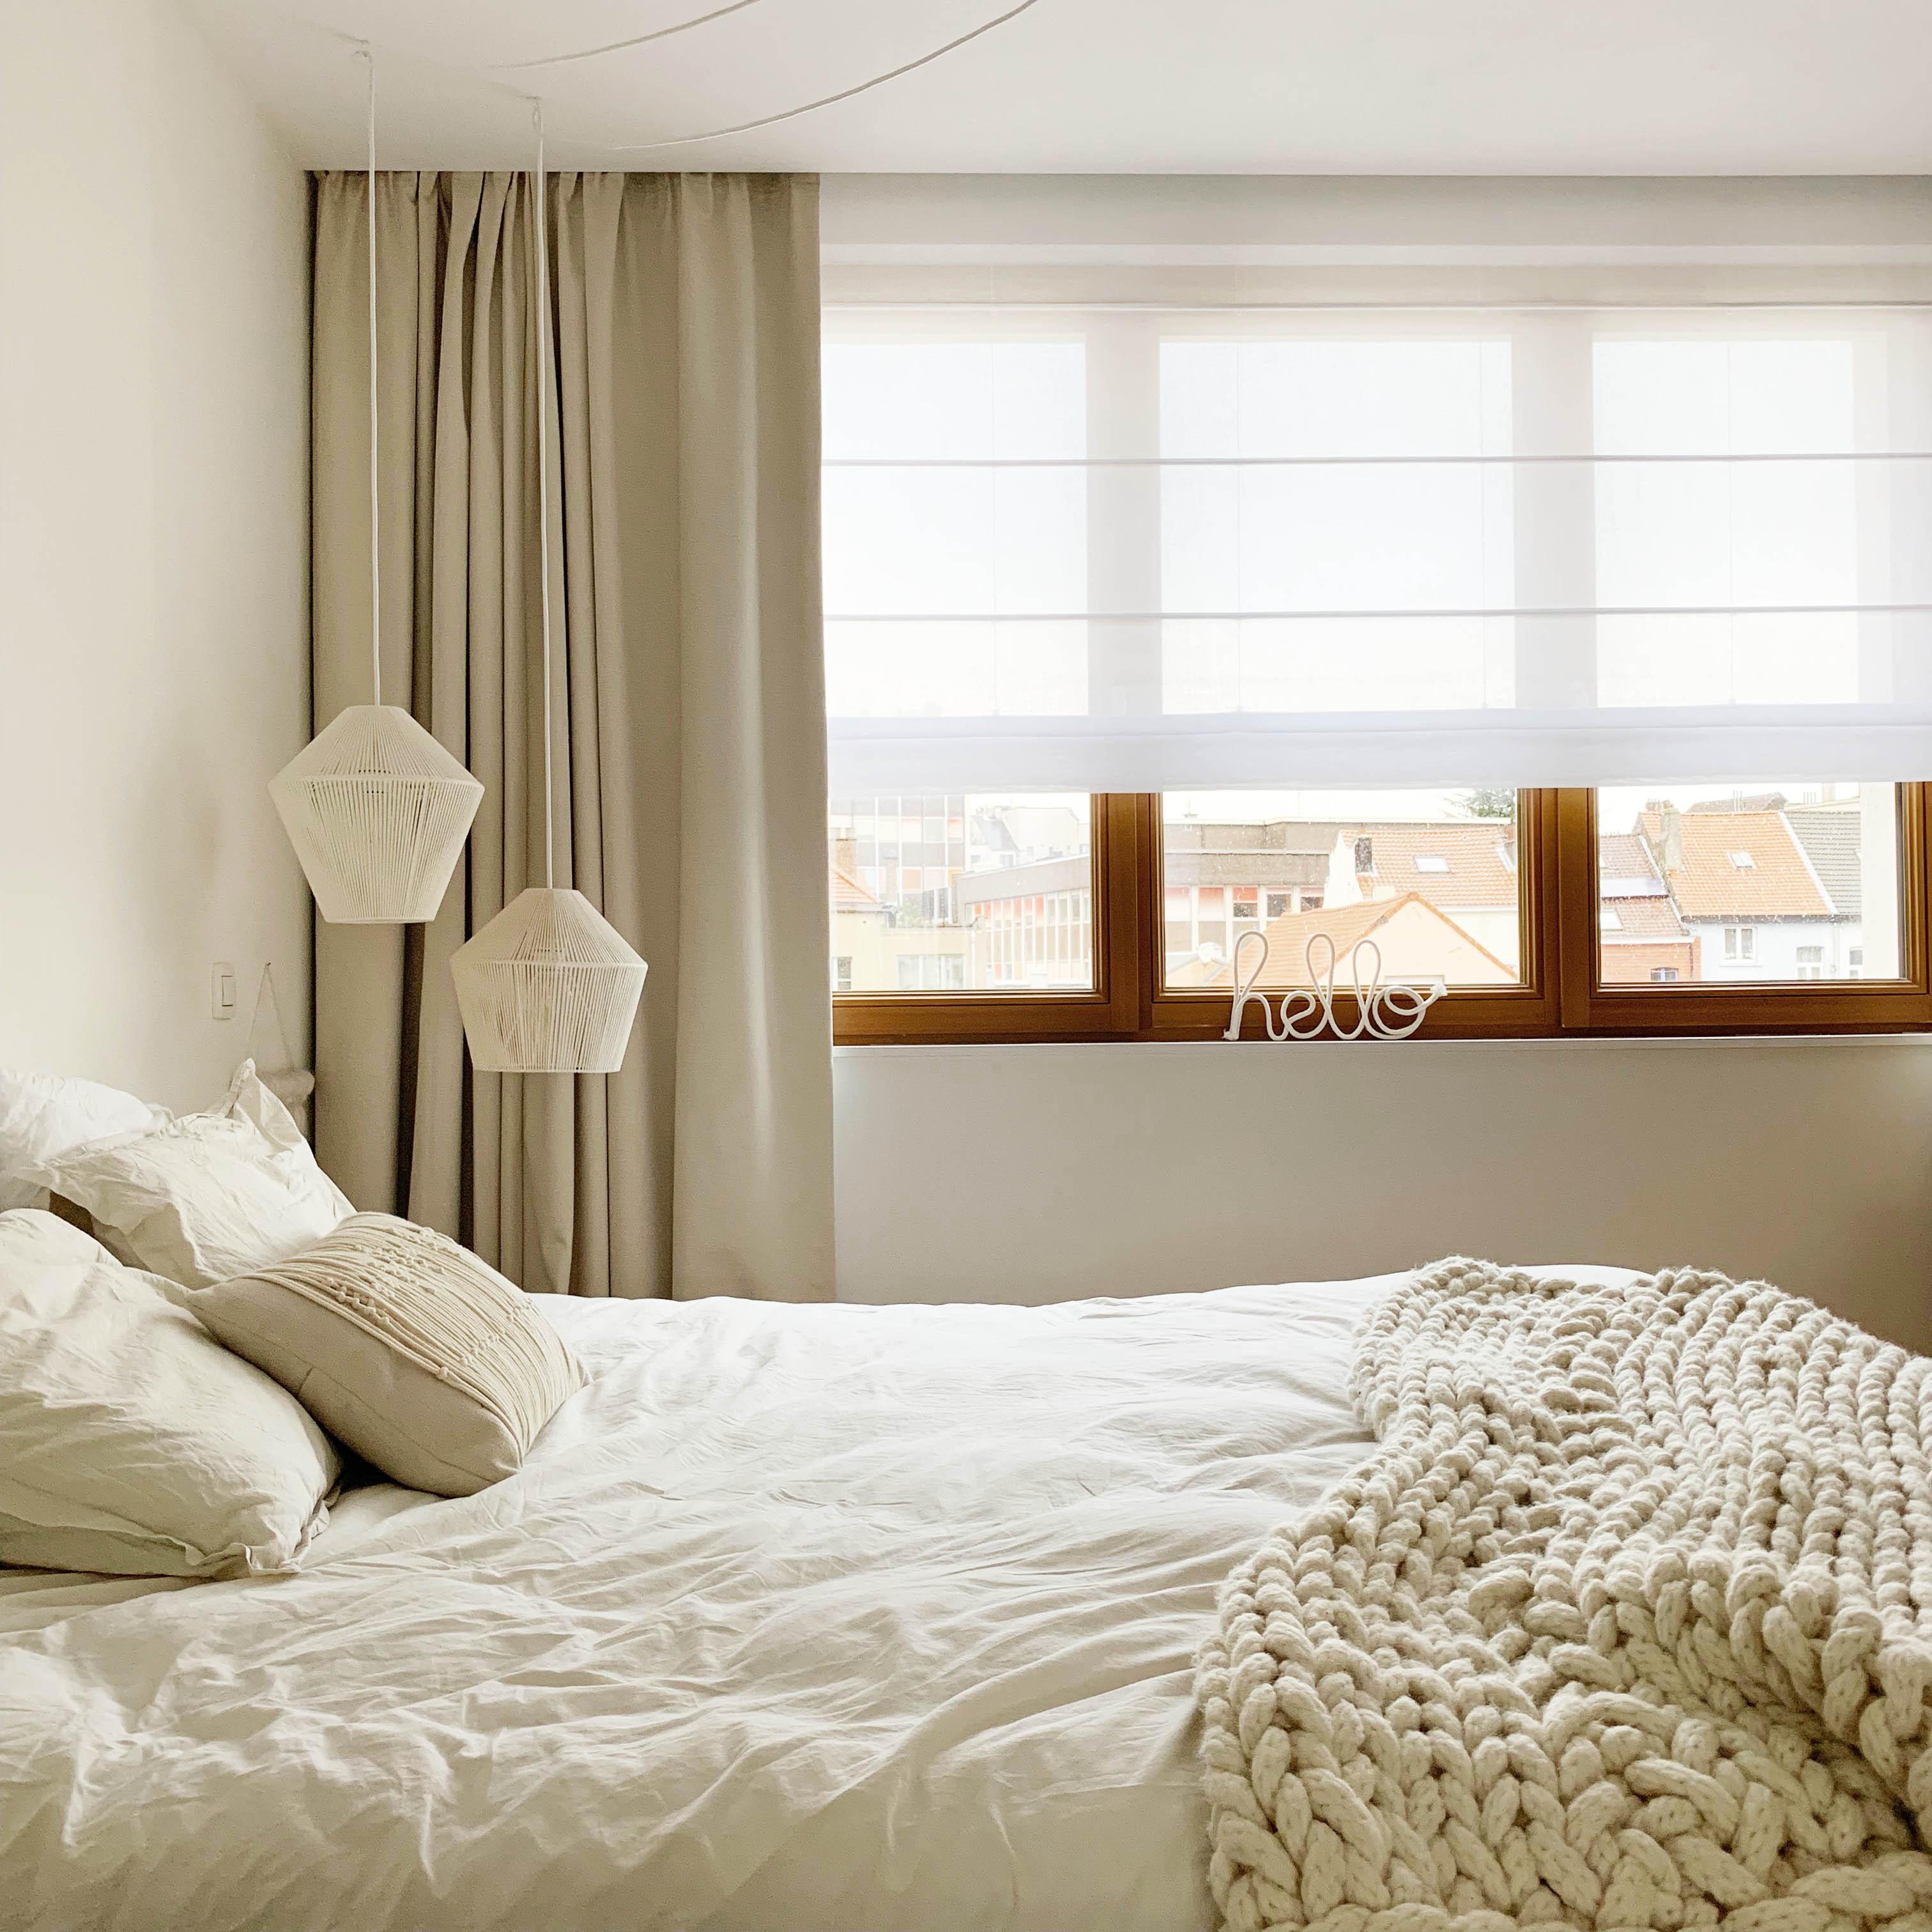 pierre-papier-ciseaux-rideaux-chambre-heytens-apres-5